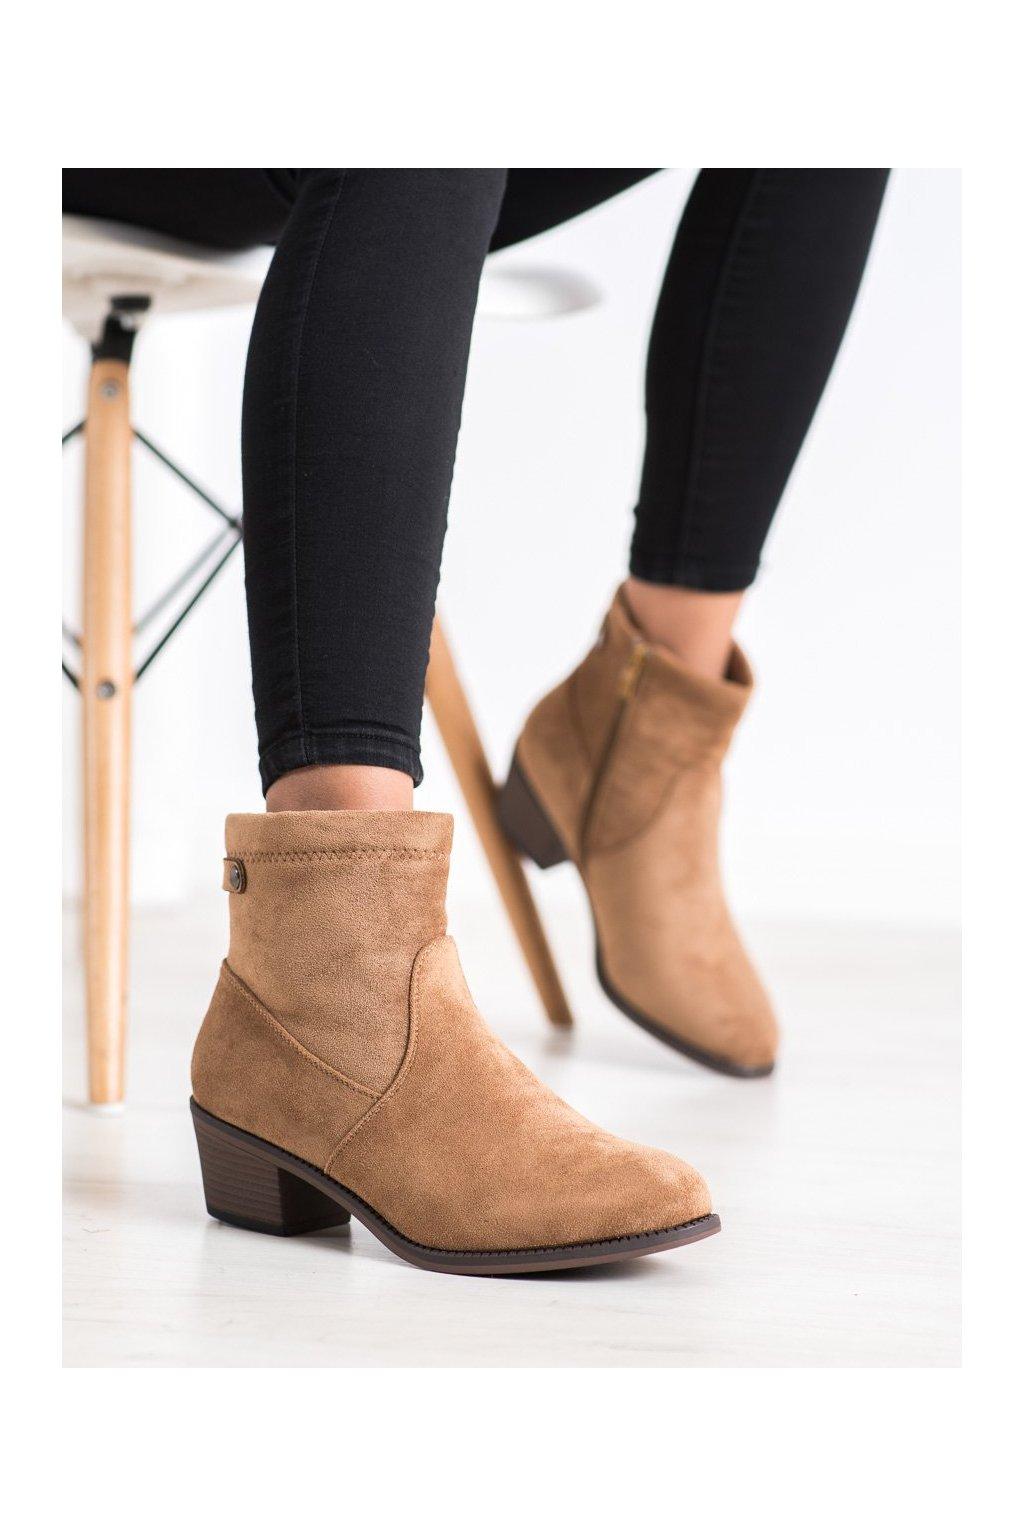 Hnedé dámske topánky Camo kod 2404C